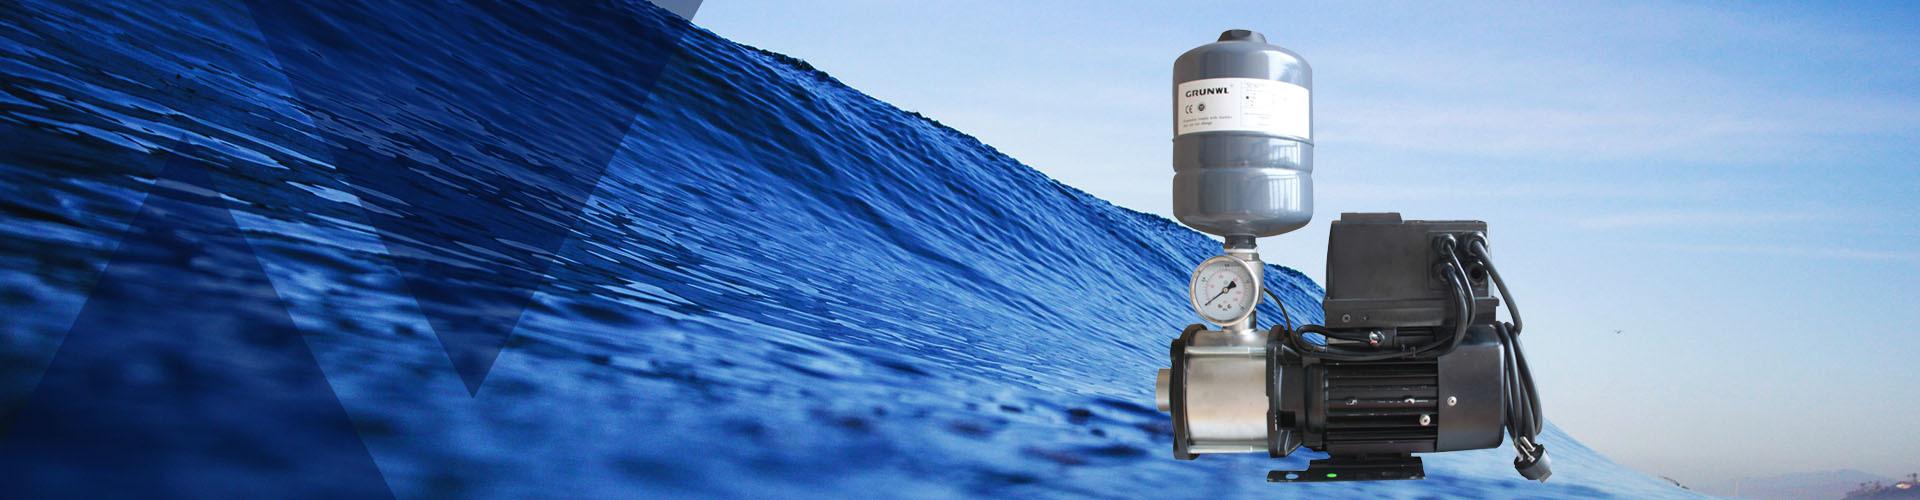 GMCE:首家手机遥控的智能水泵